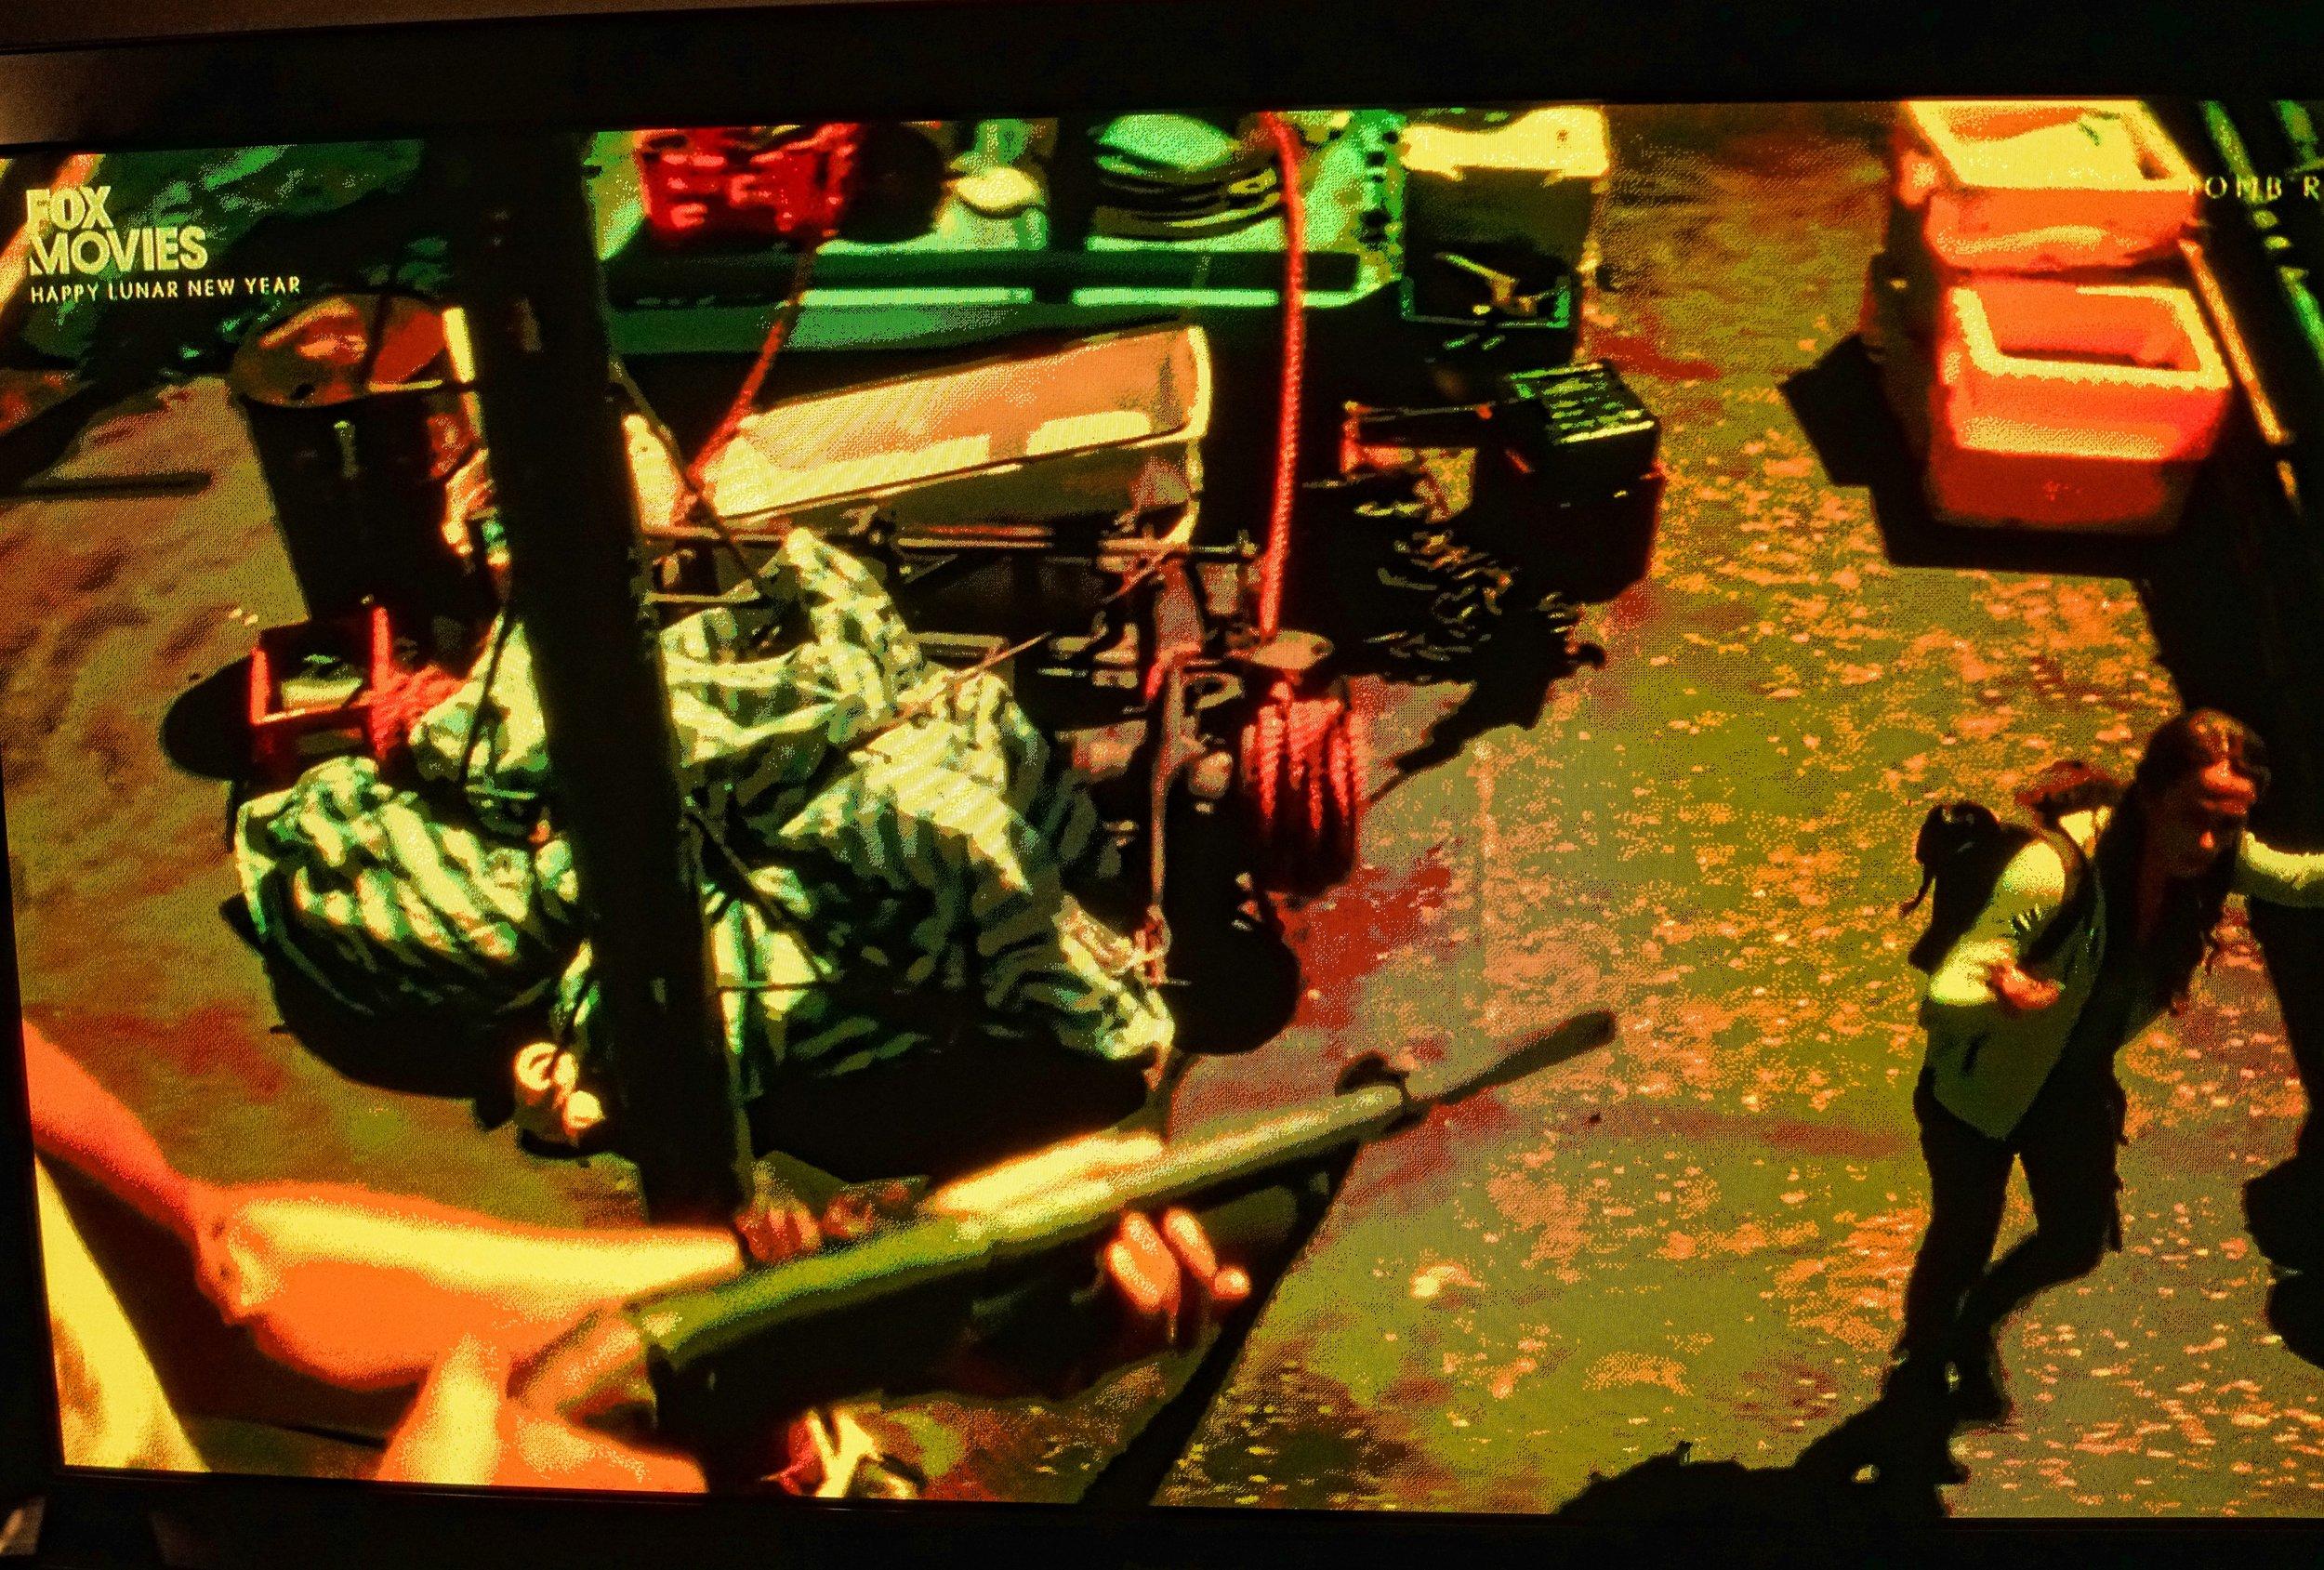 Lara Croft Movie.JPG